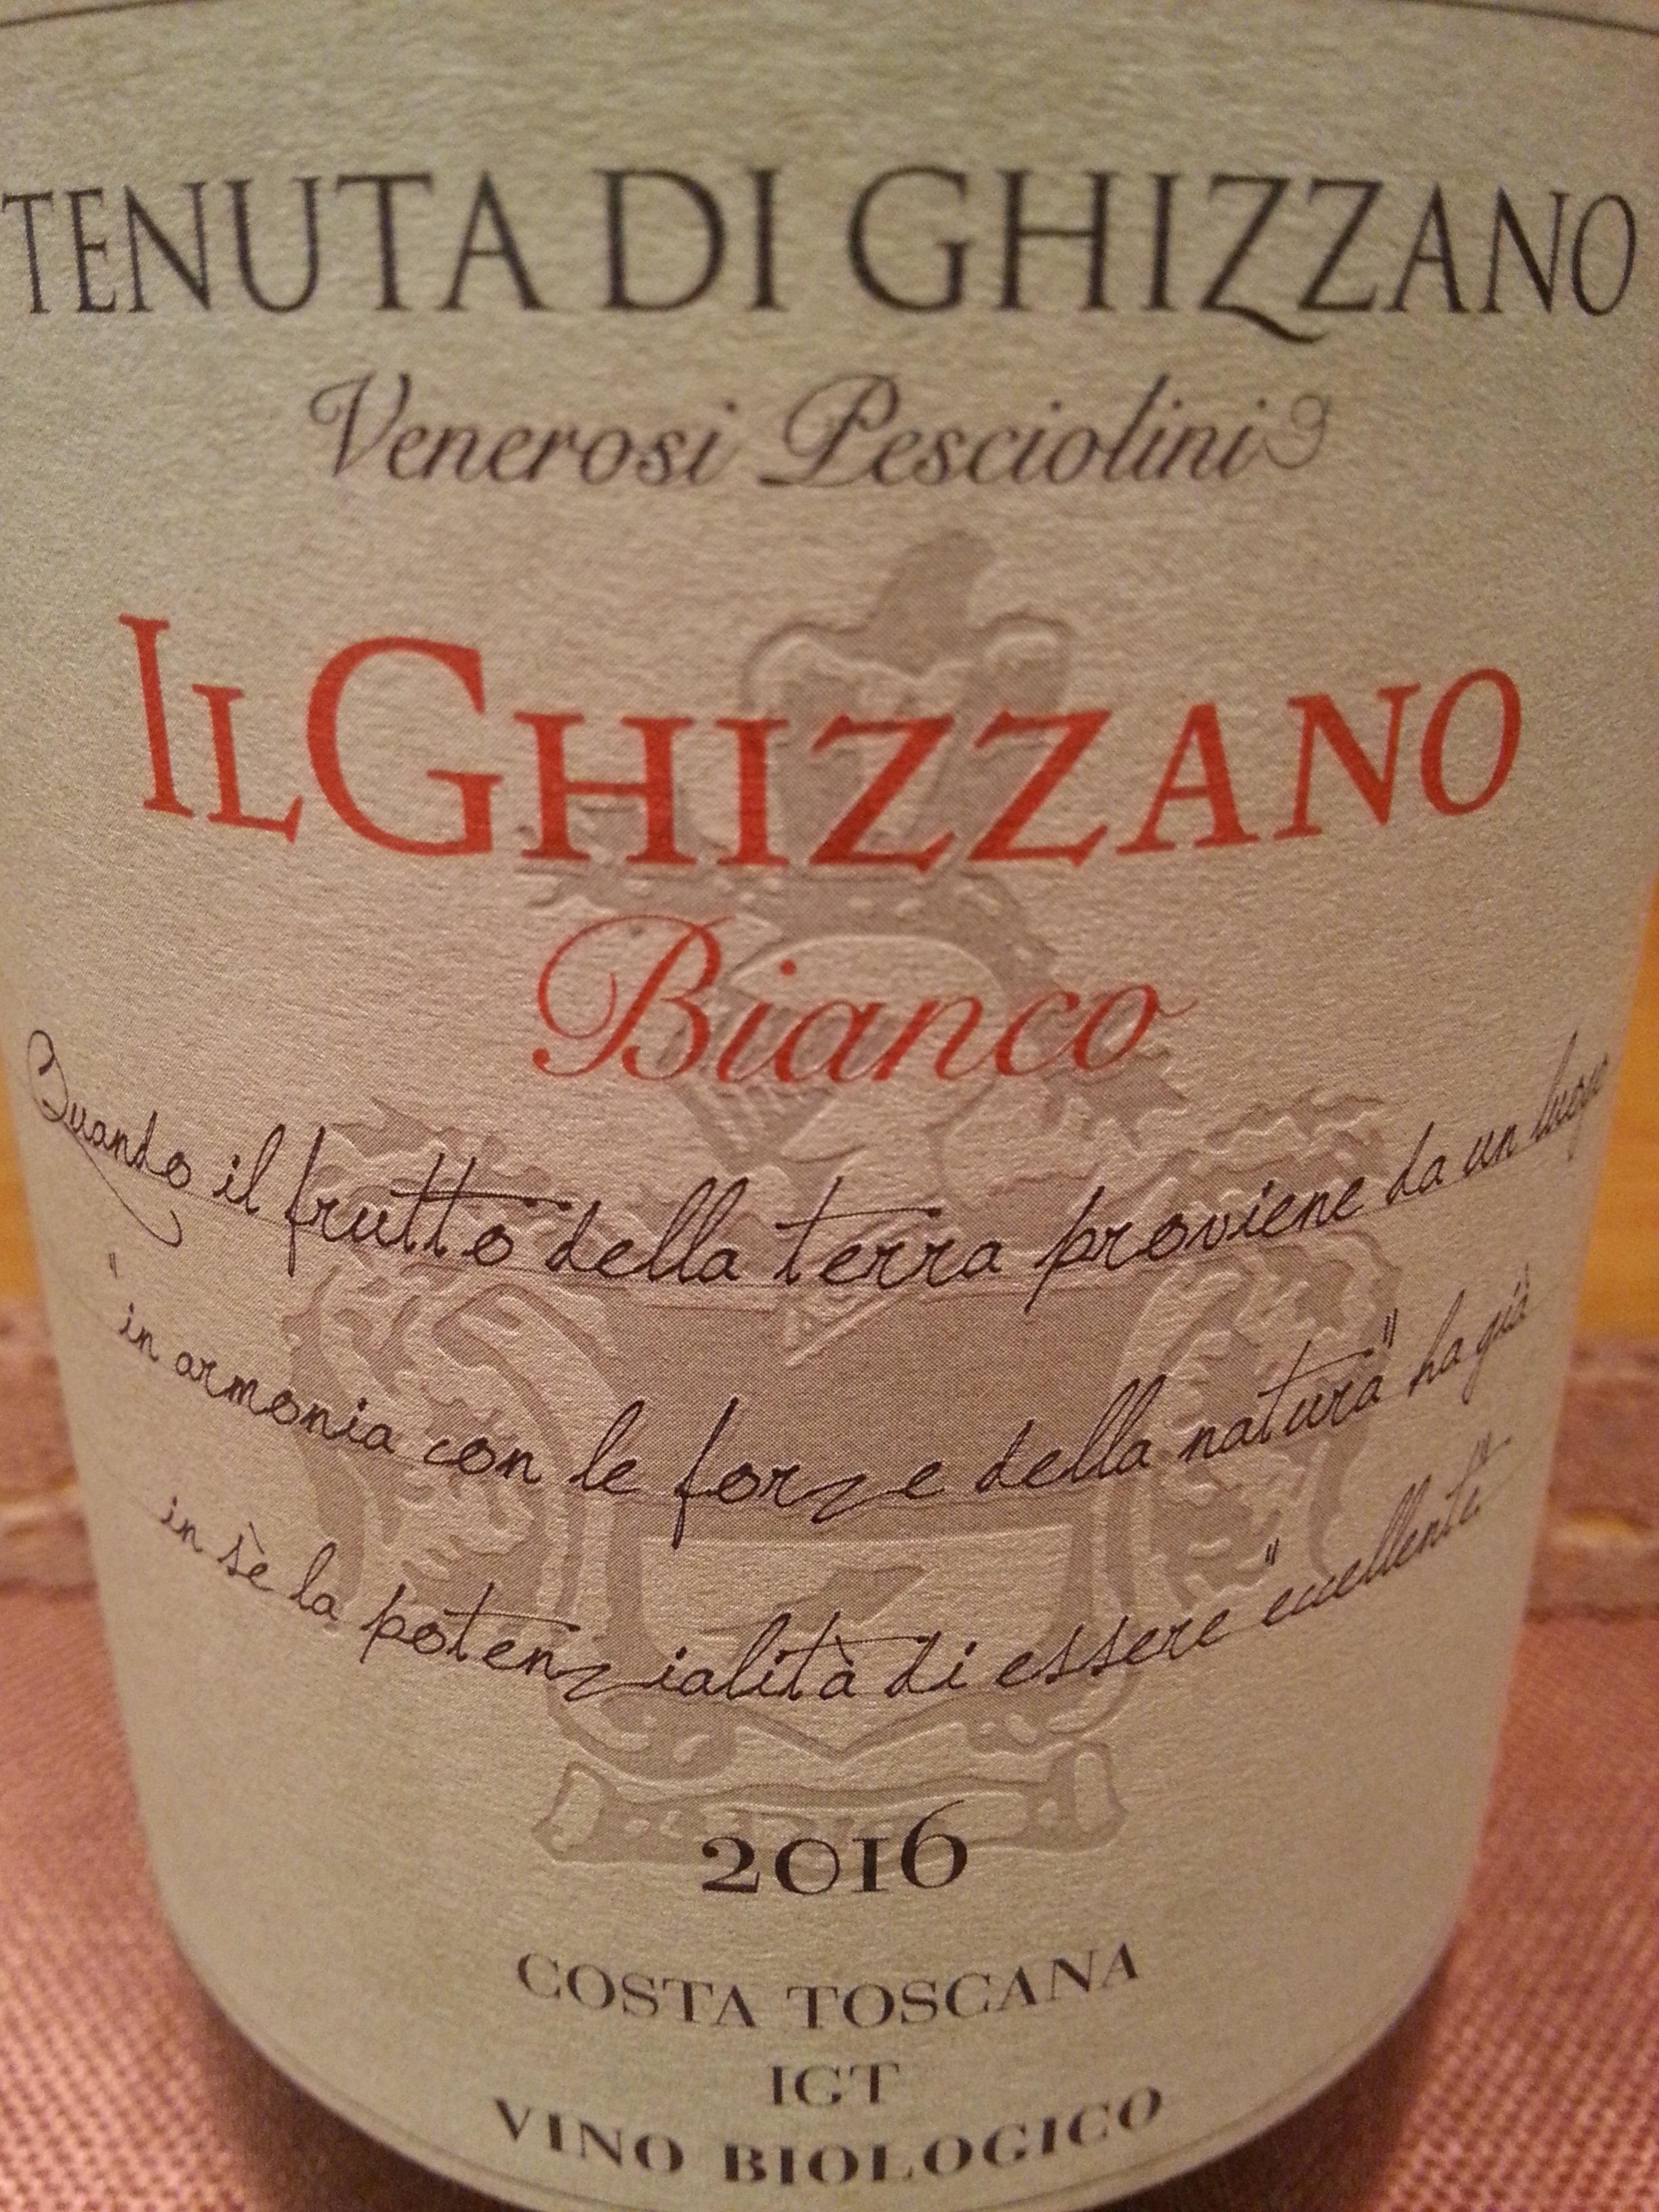 2016 Il Ghizzano Bianco | Tenuta di Ghizzano